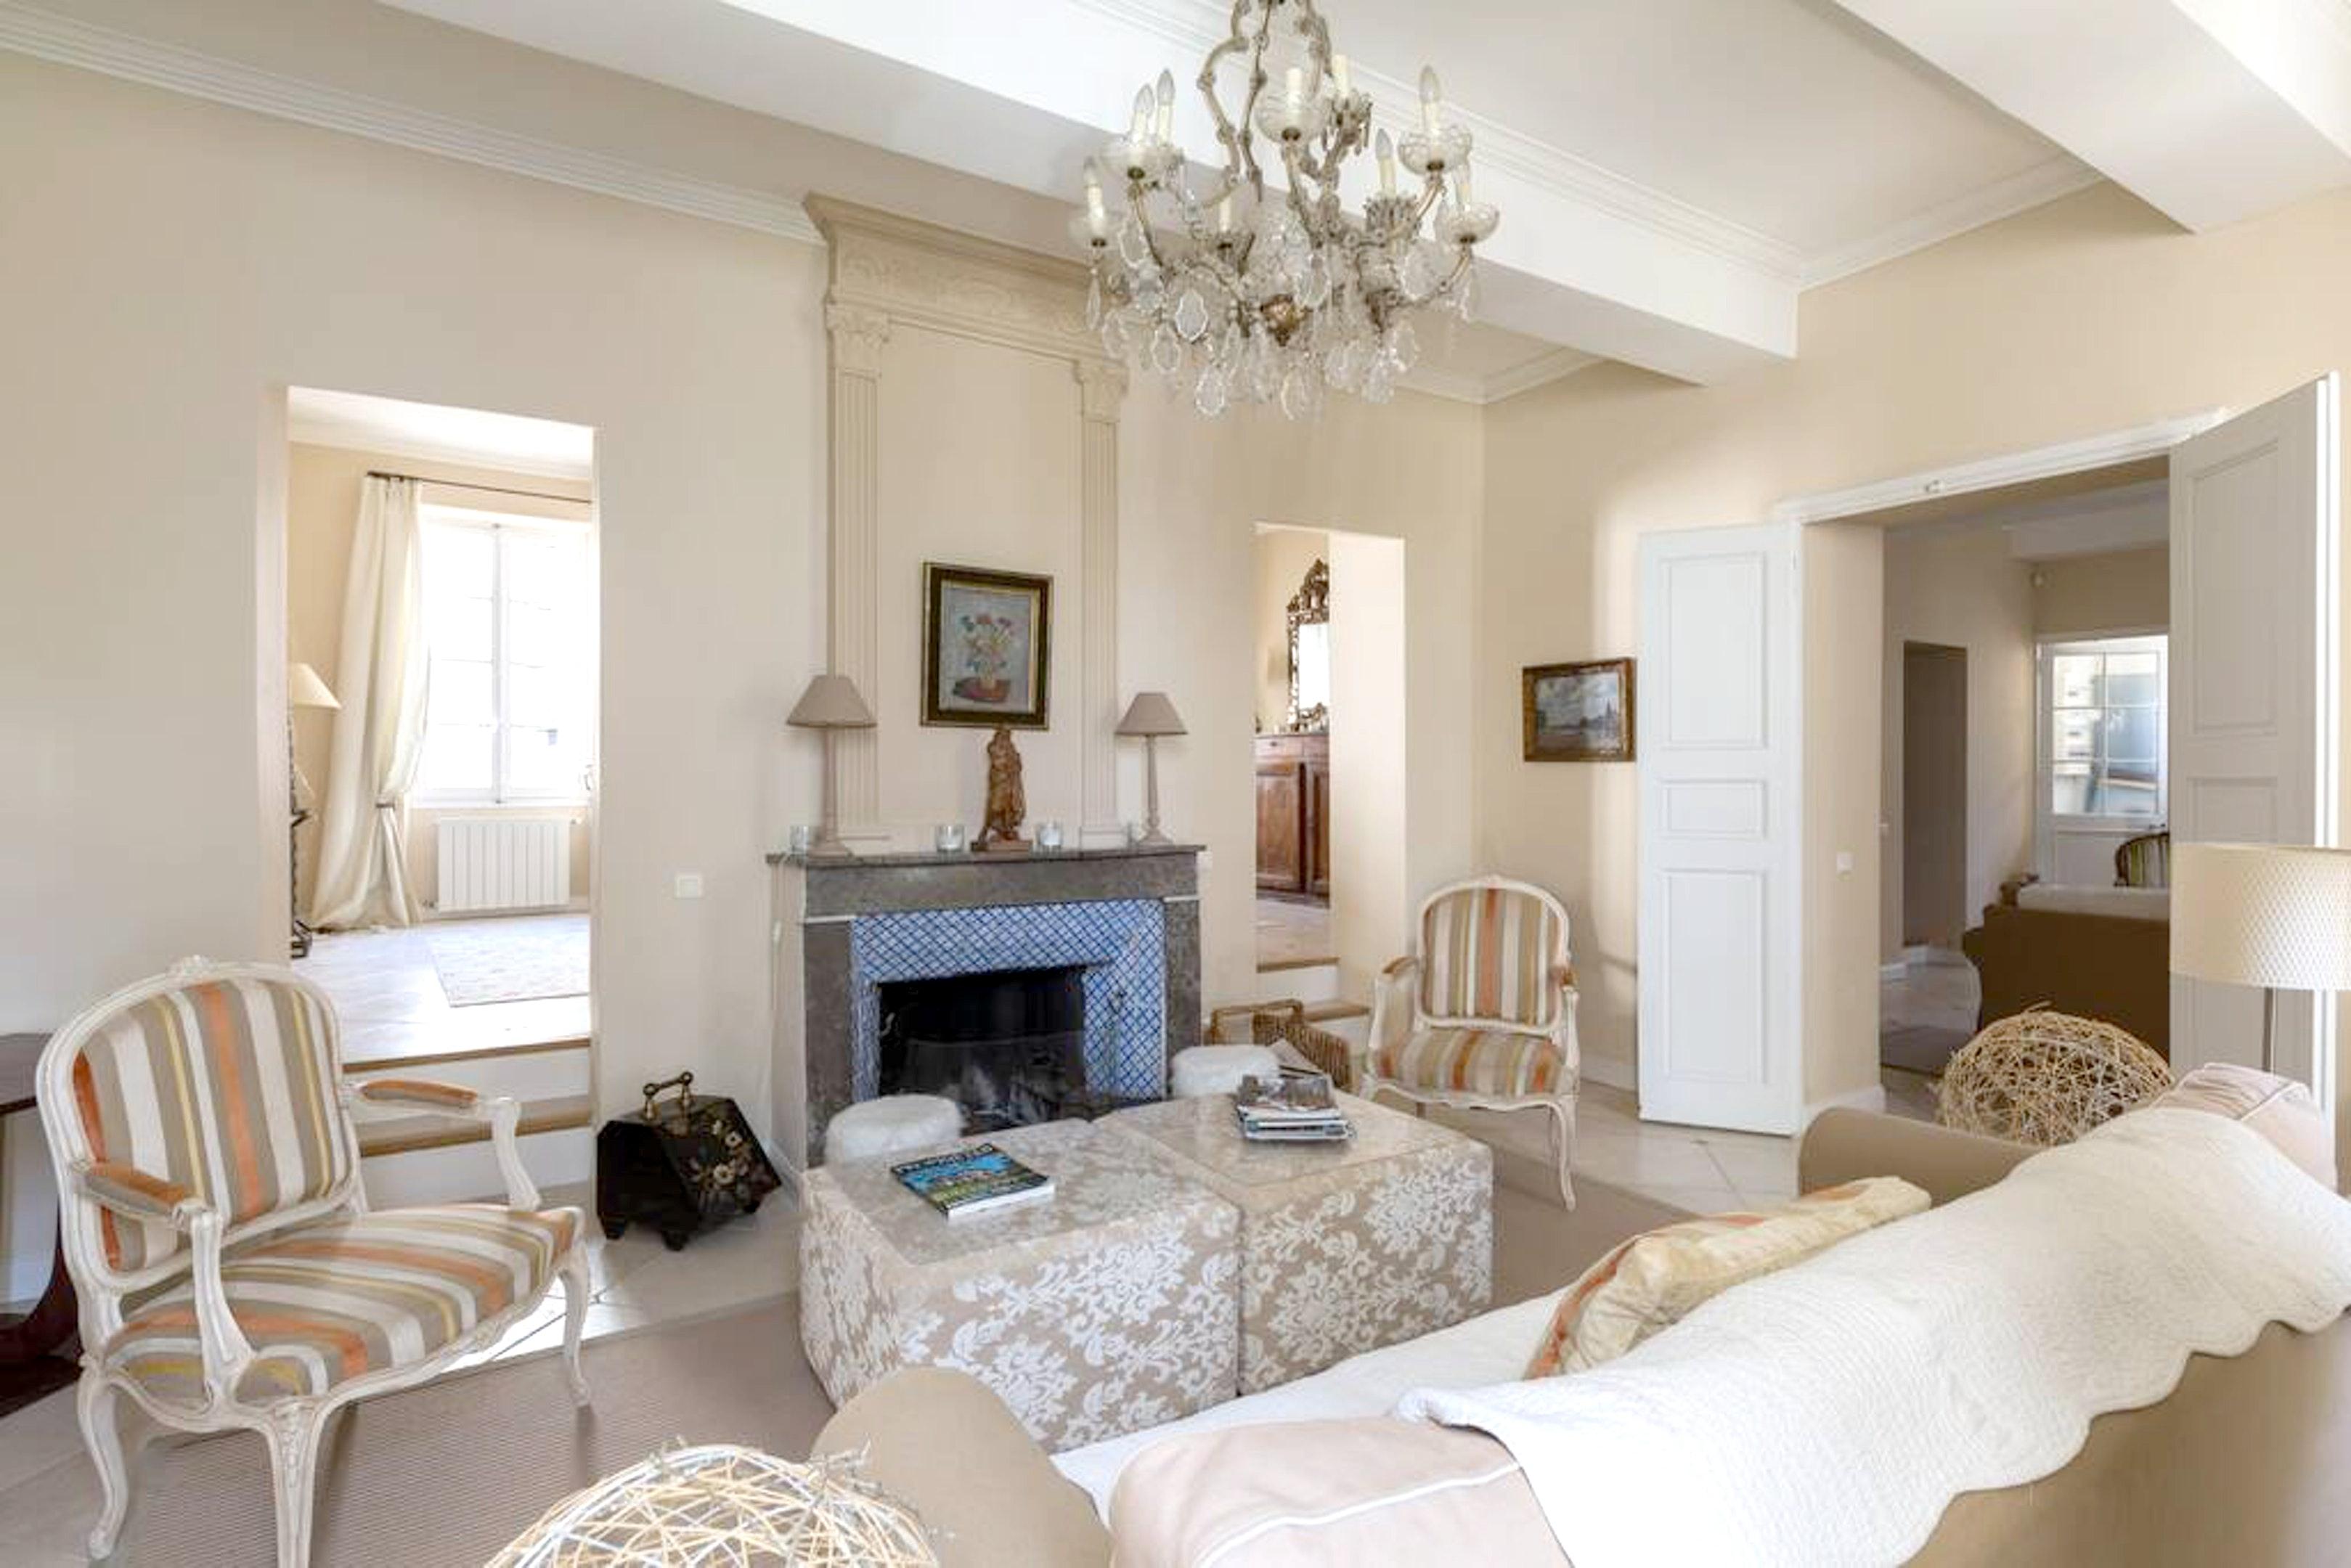 Maison de vacances Villa mit 6 Schlafzimmern in L'Isle-sur-la-Sorgue mit privatem Pool, möbliertem Garten und (2647203), L'Isle sur la Sorgue, Vaucluse, Provence - Alpes - Côte d'Azur, France, image 11